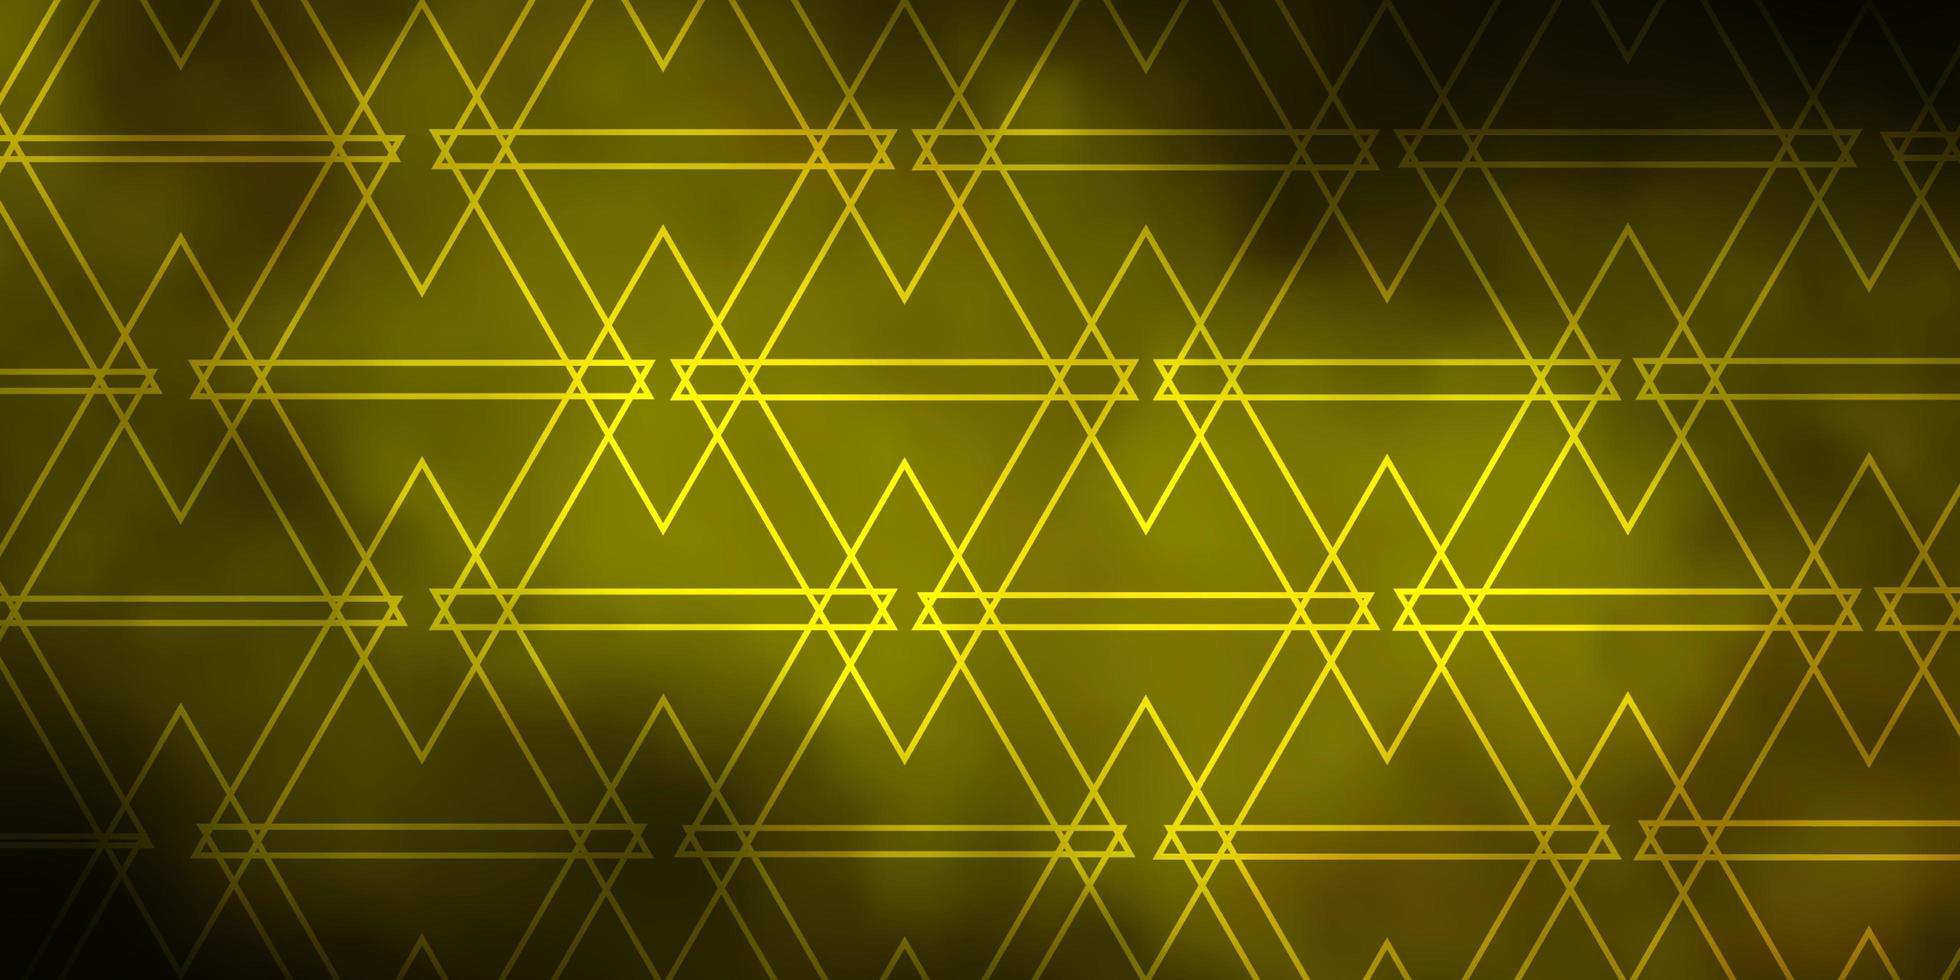 dunkelgrüner und gelber Hintergrund mit Dreiecken. vektor